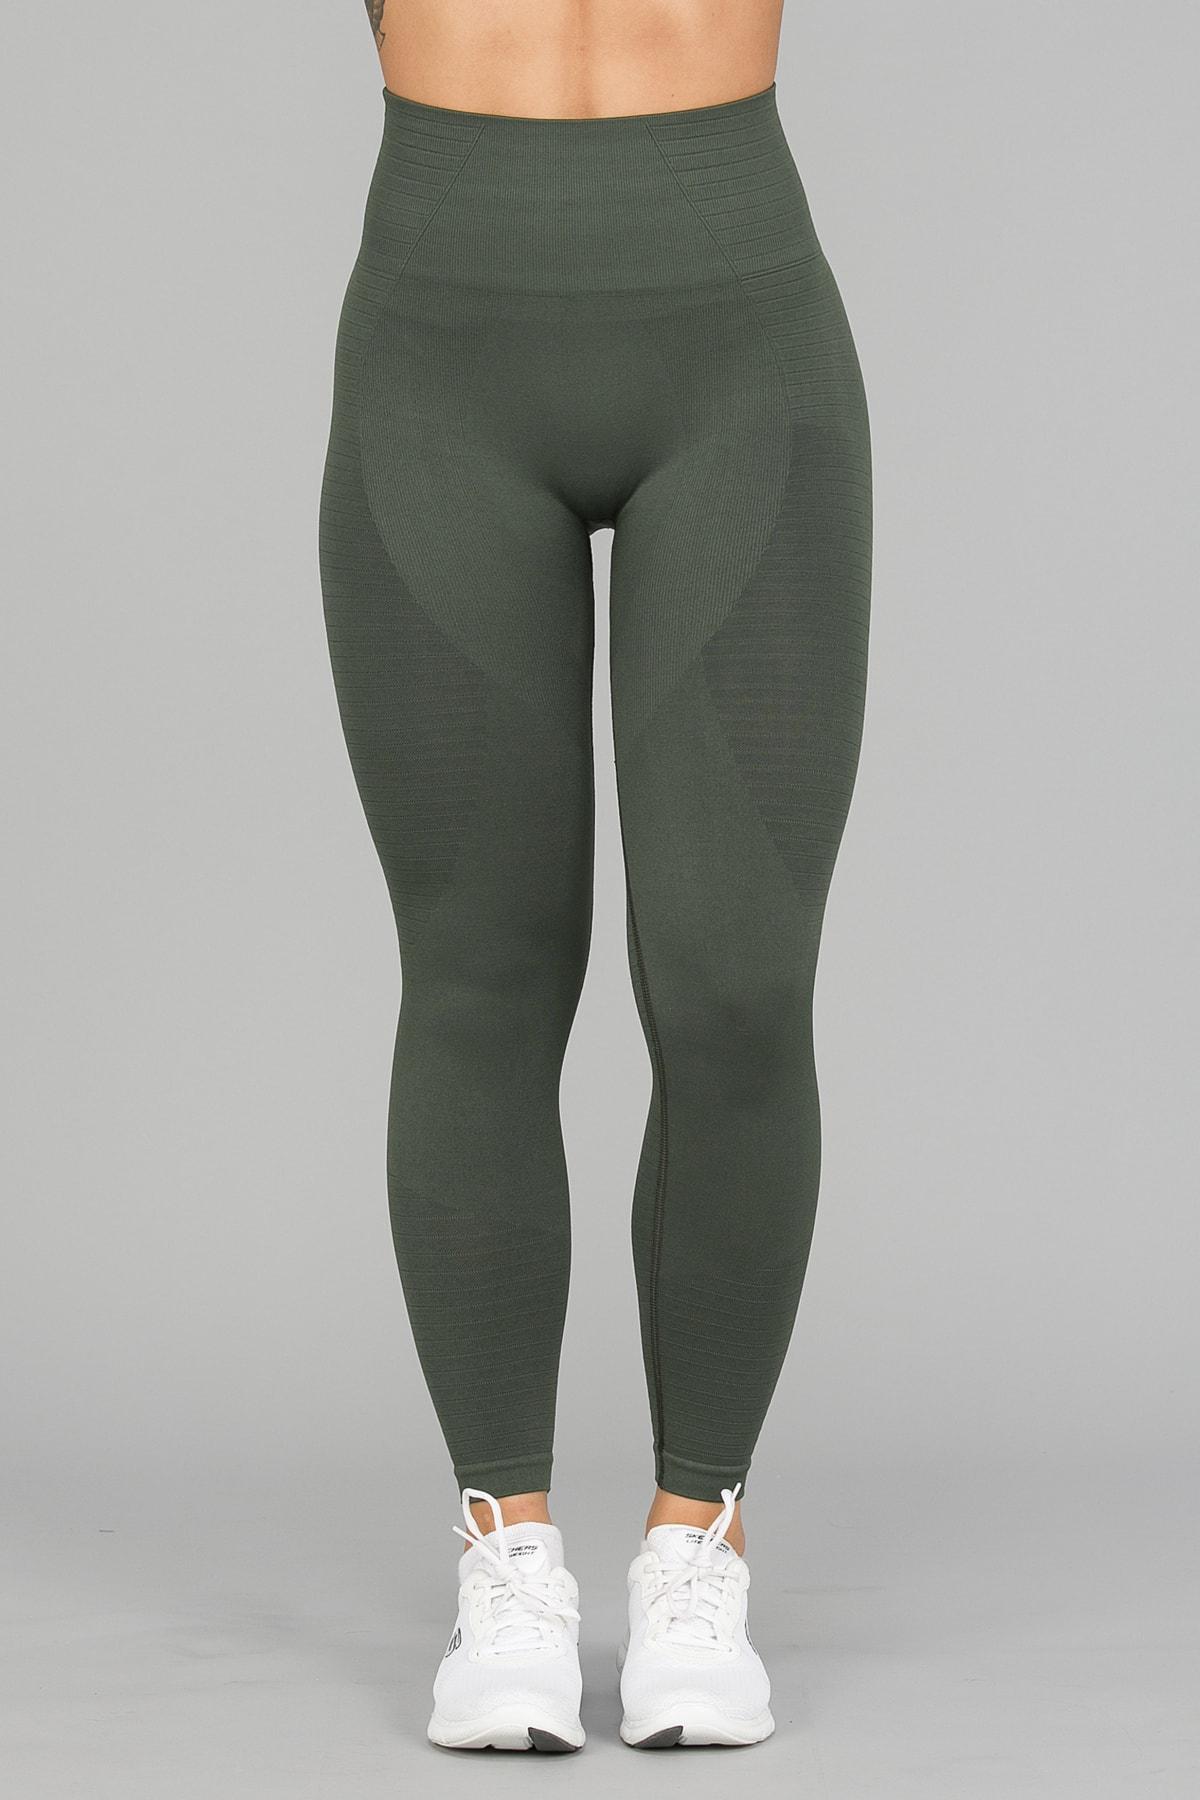 Jerf Gela 2.0 tights dark green1